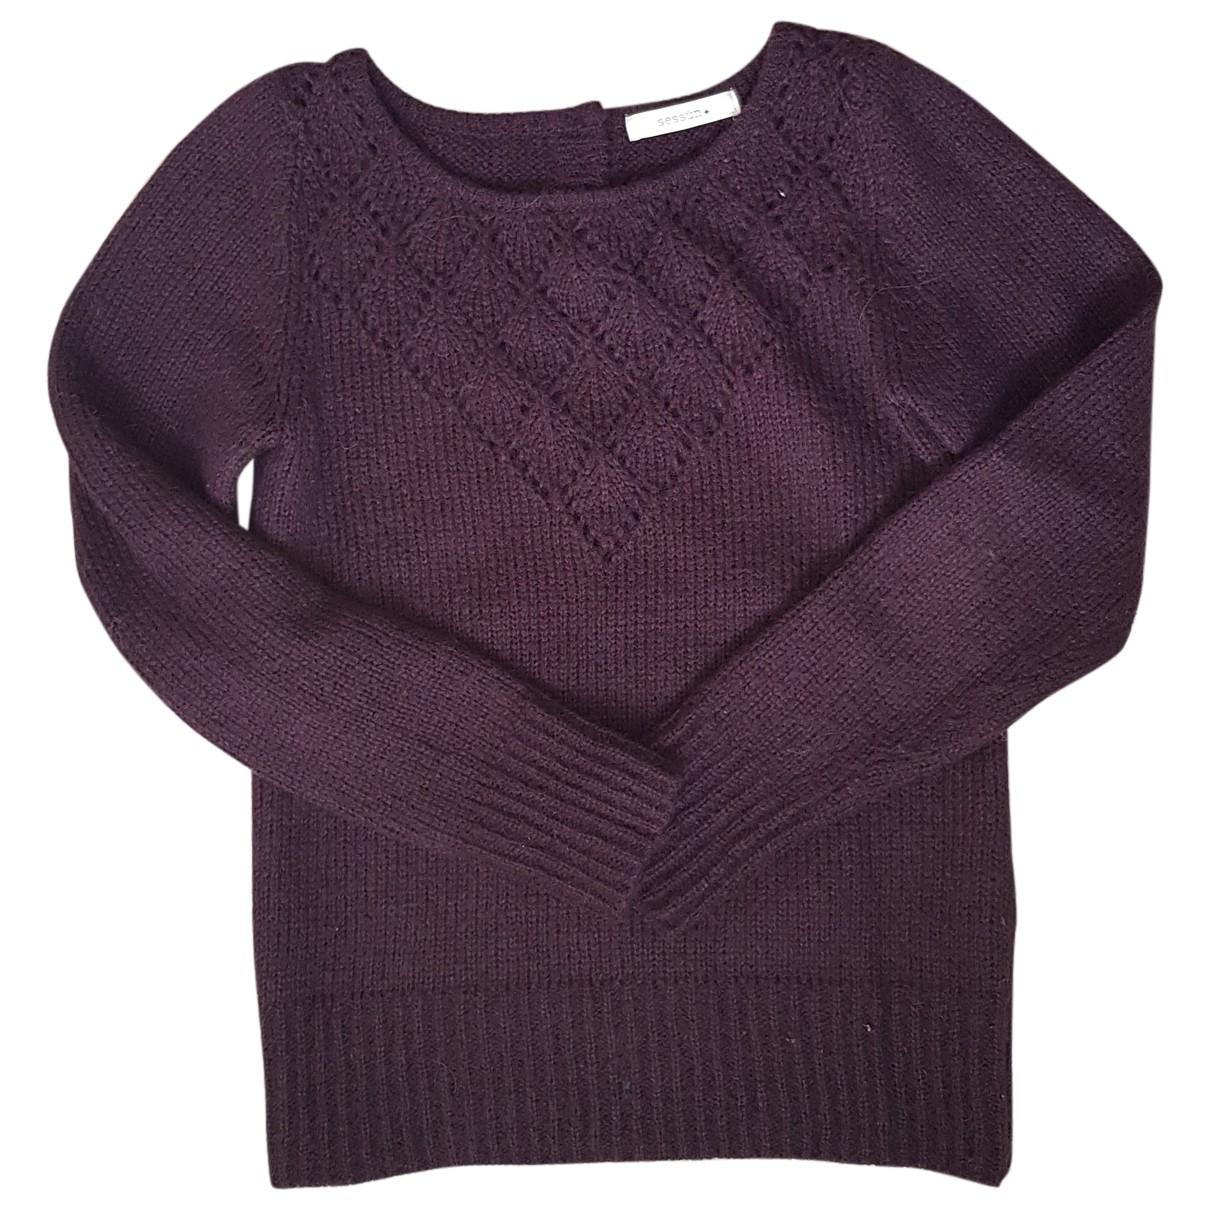 Sessun N Knitwear for Women M International